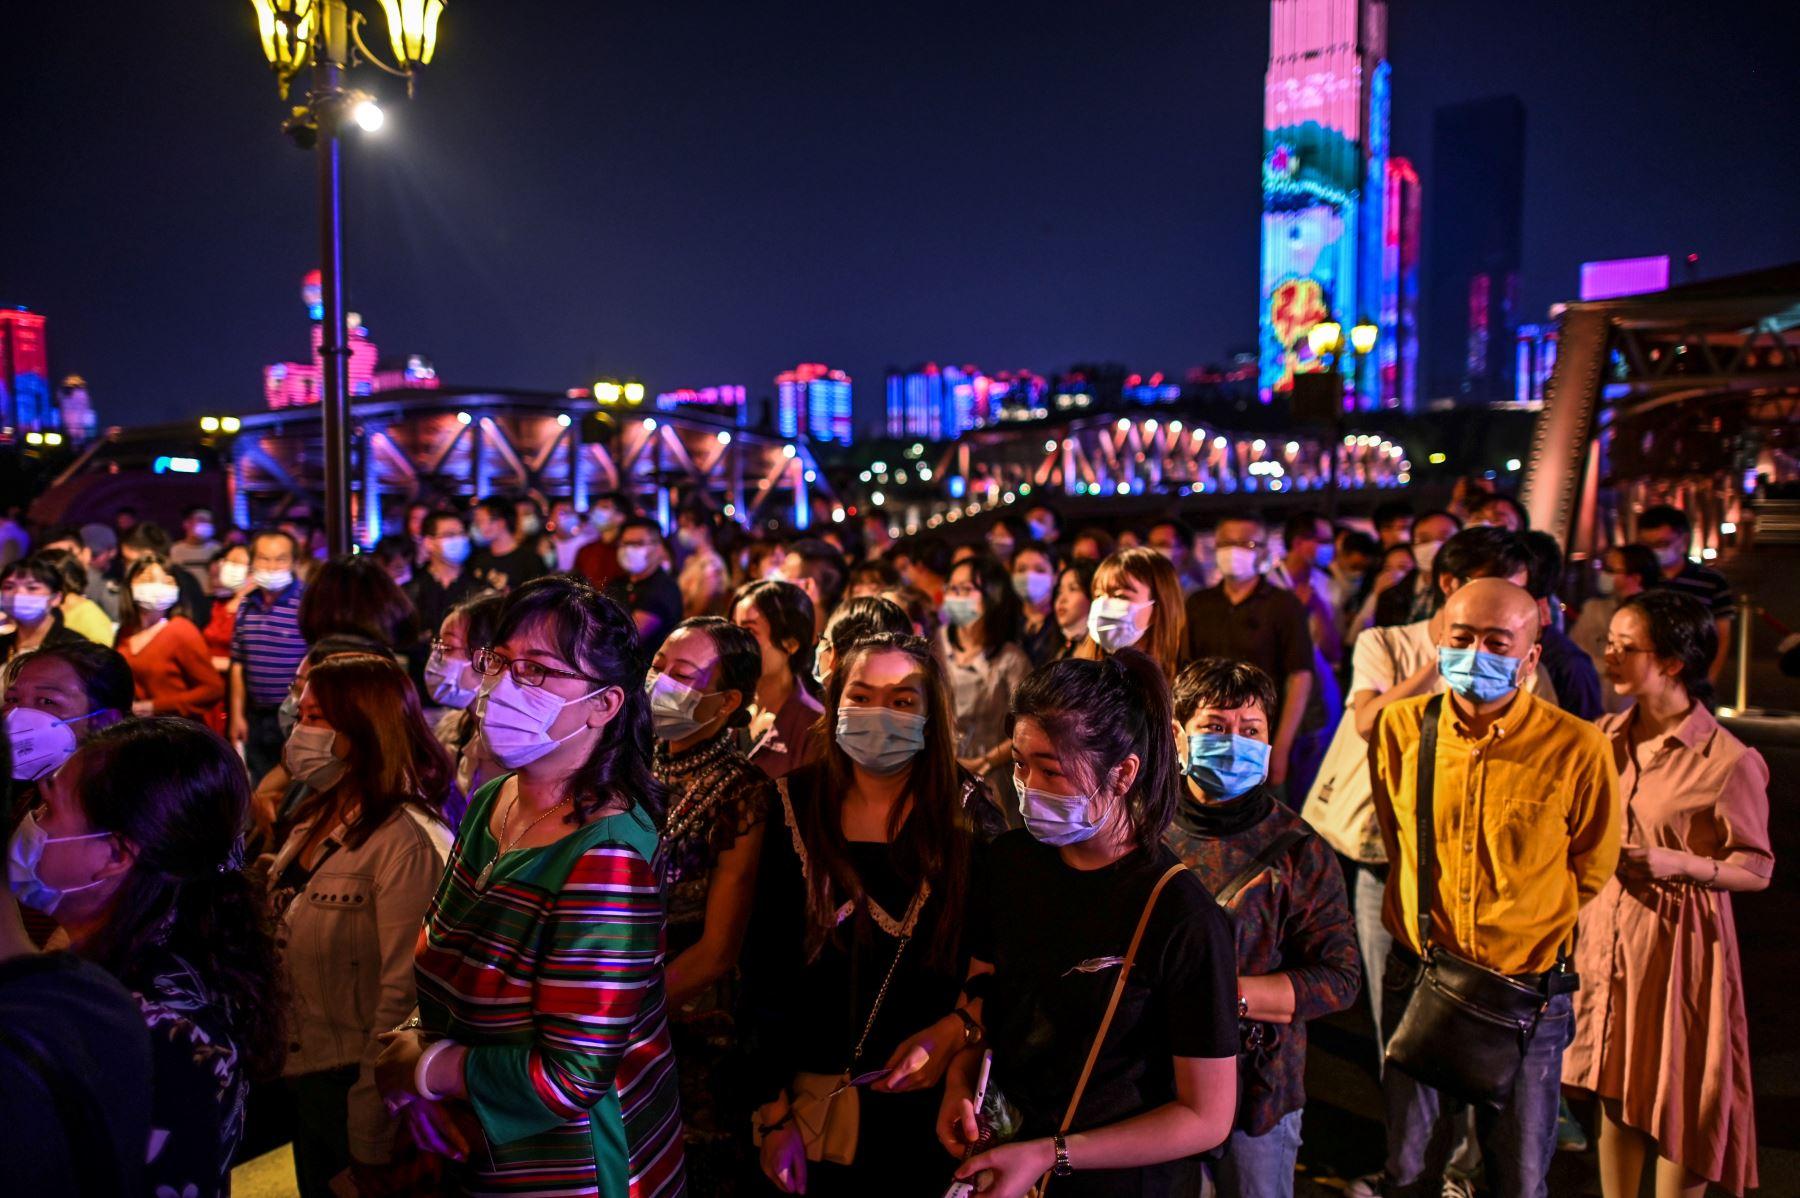 La vida nocturna estalla en el Wuhan post-covid